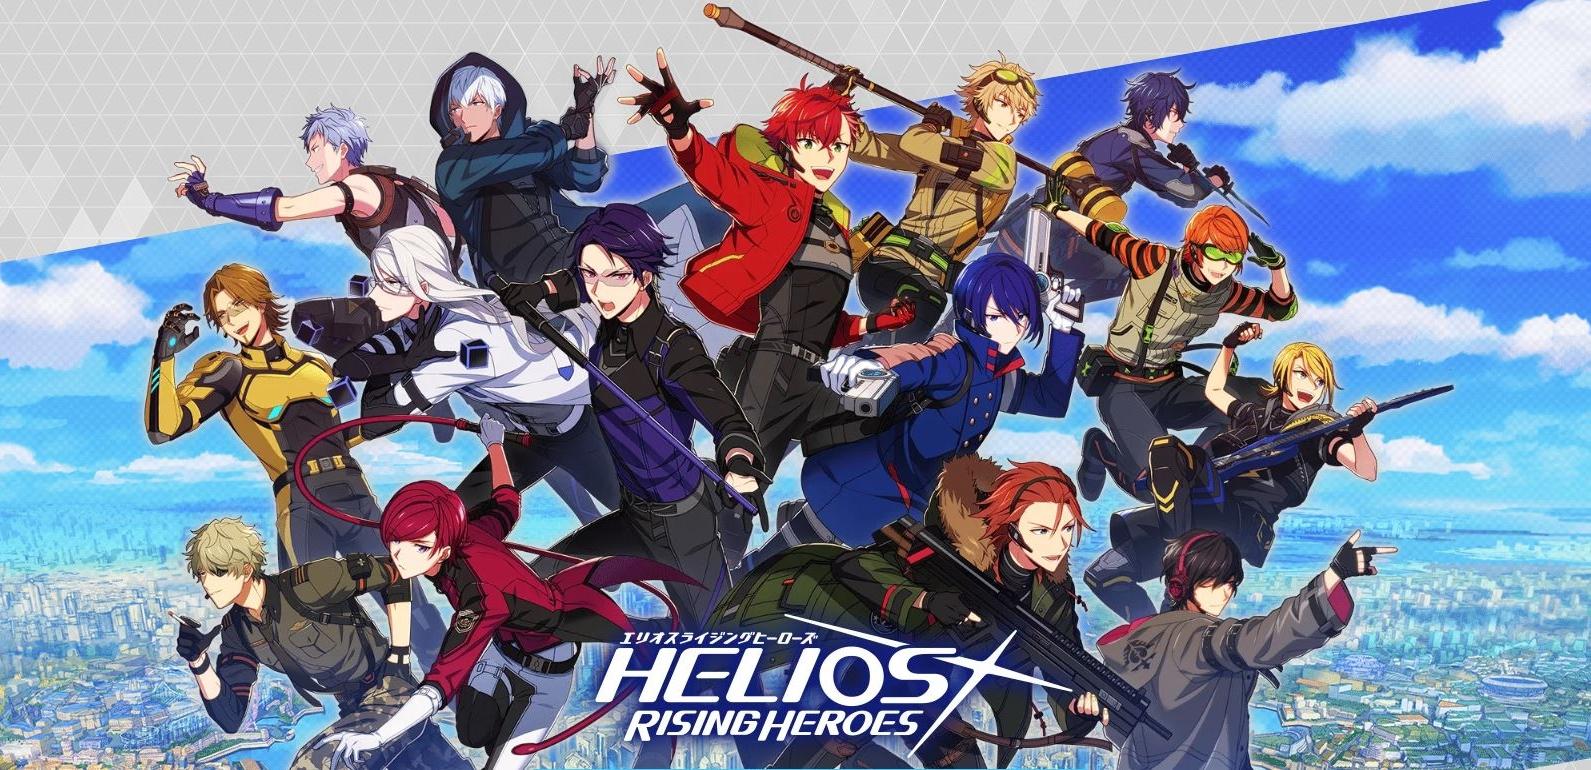 Helios Rising Heroes 642020 10